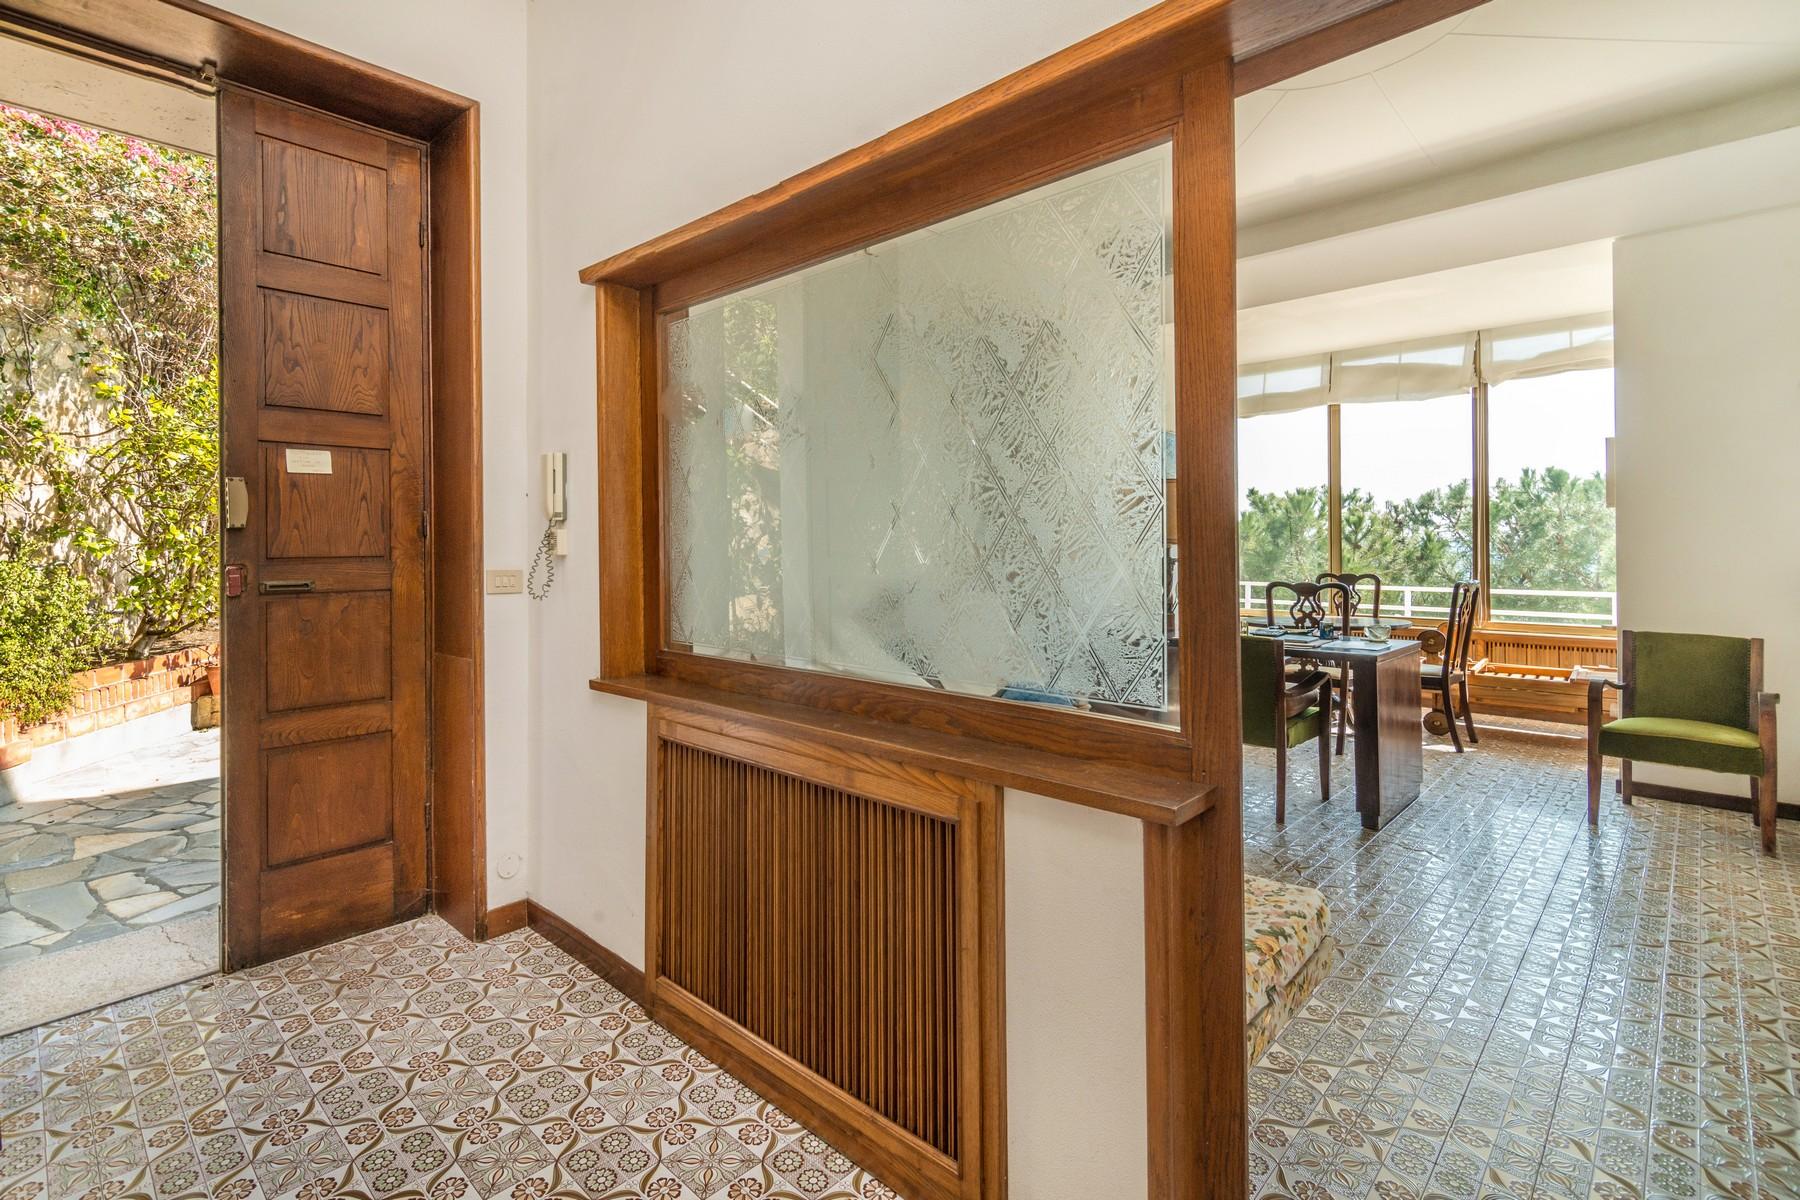 Villa in Vendita a Alassio: 5 locali, 388 mq - Foto 6